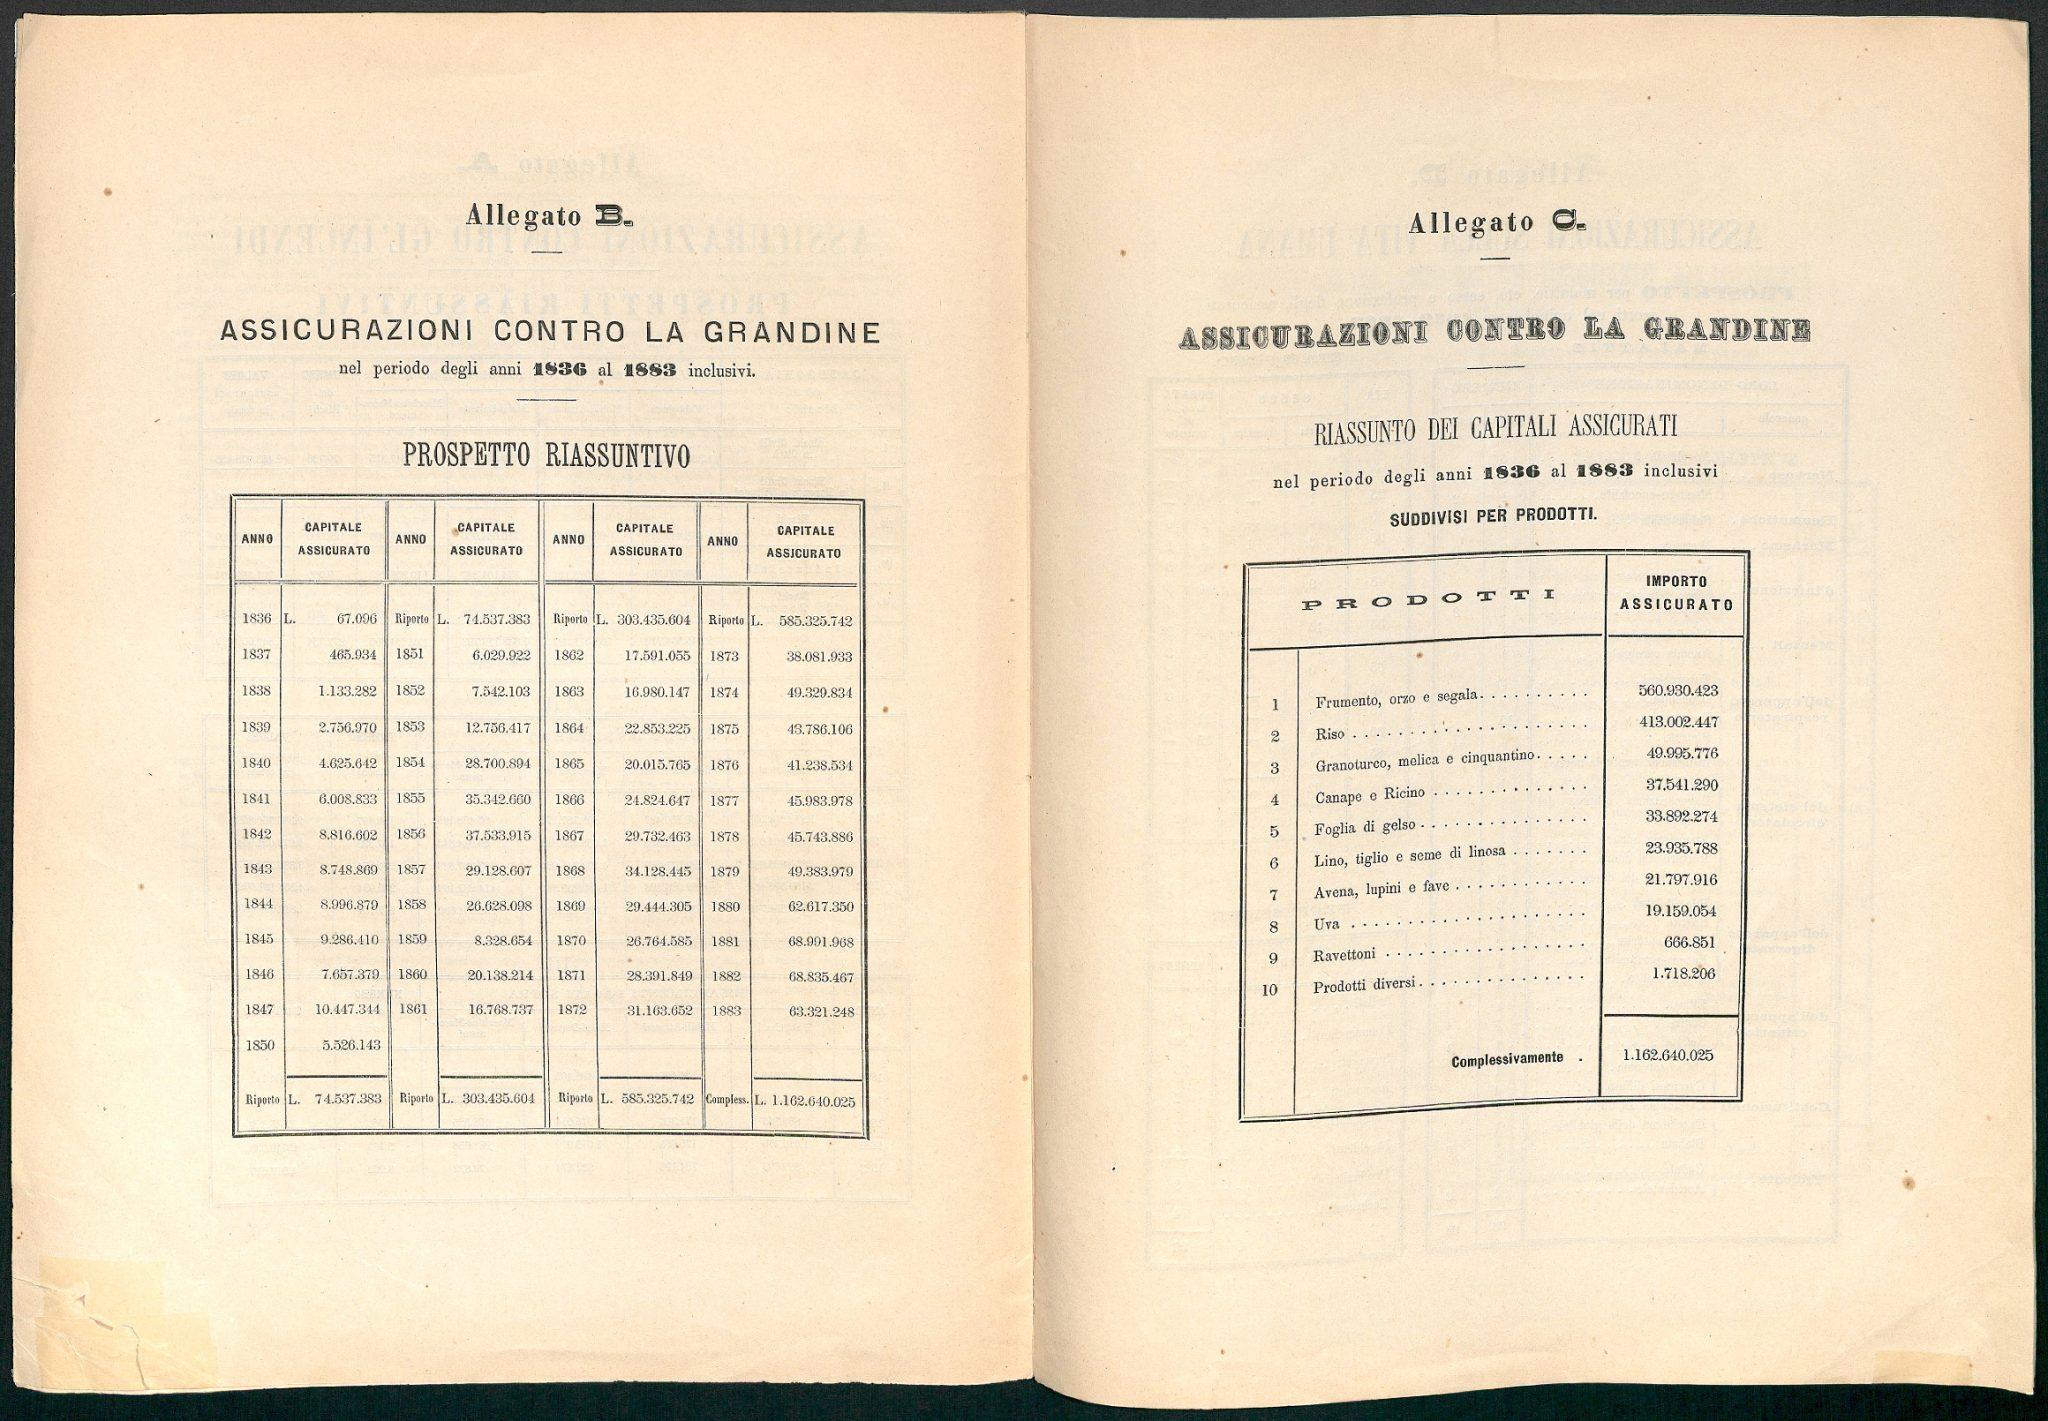 Prospetto riassuntivo grandini 1836-1883 (Venezia, 1884)